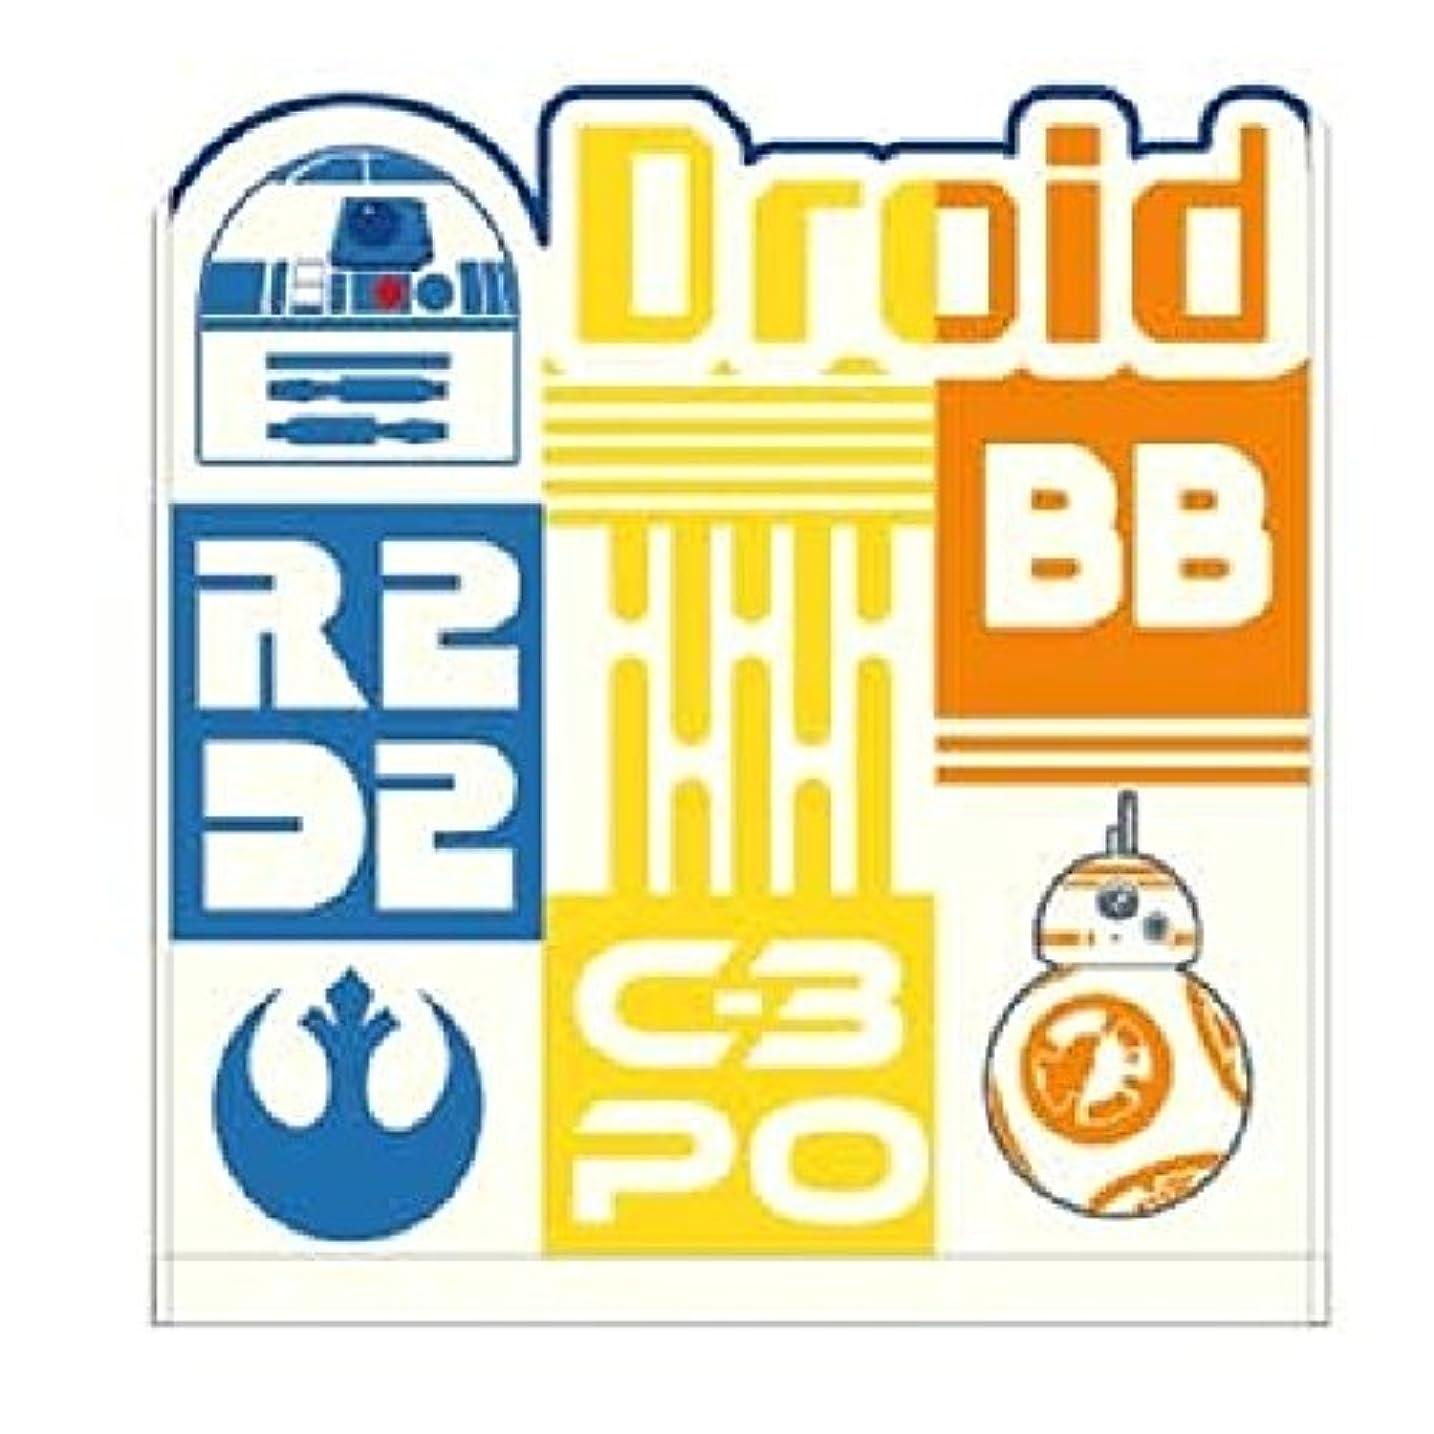 ボンドクスコエンターテインメントMarushin Star Wars WashタオルChambreホワイトDroid r2 - d2 BB - 8 C3po